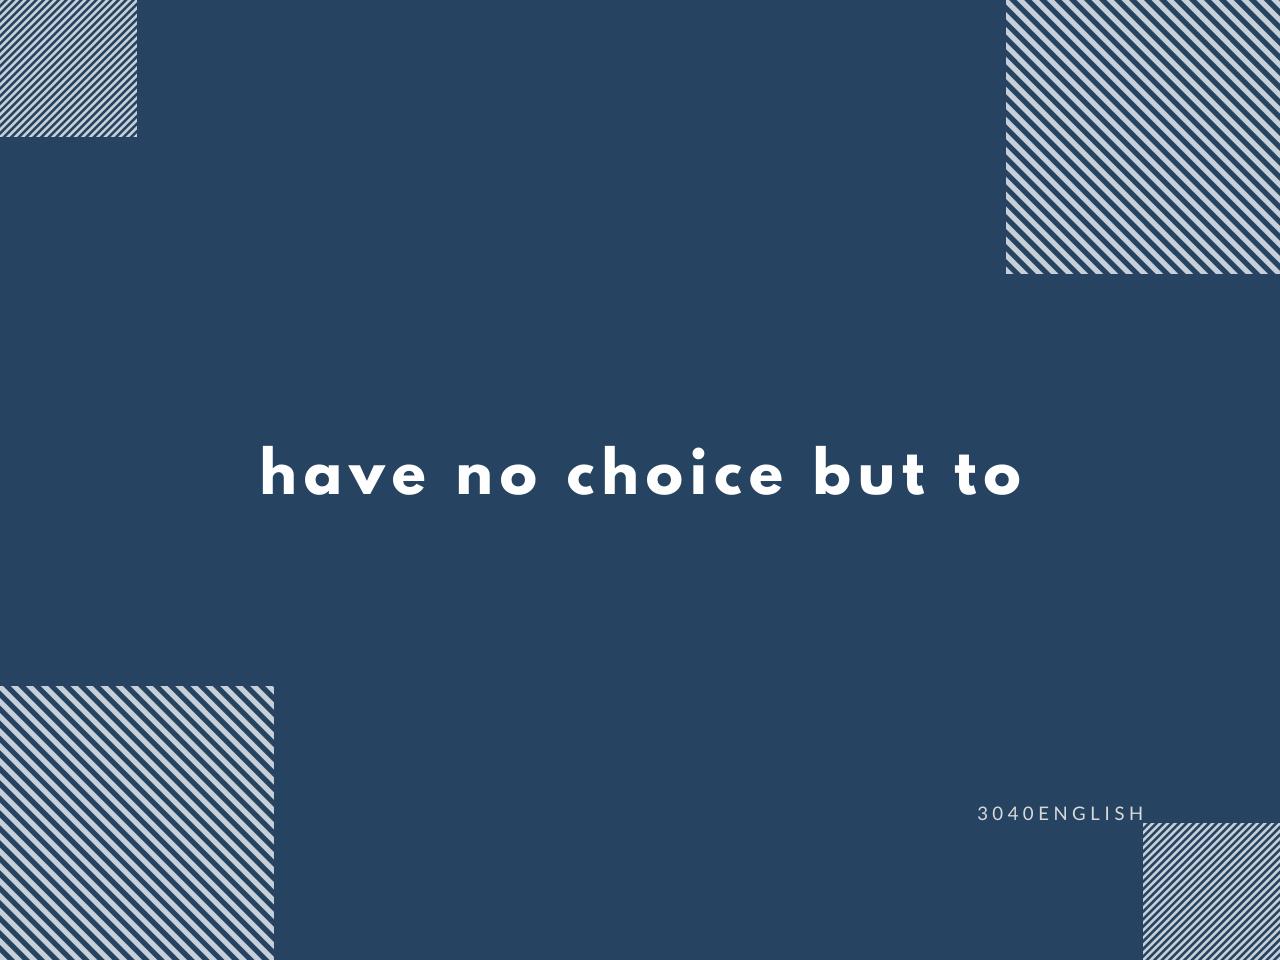 「するしかない」「せざるを得ない」の英語表現7選【英会話用例文あり】